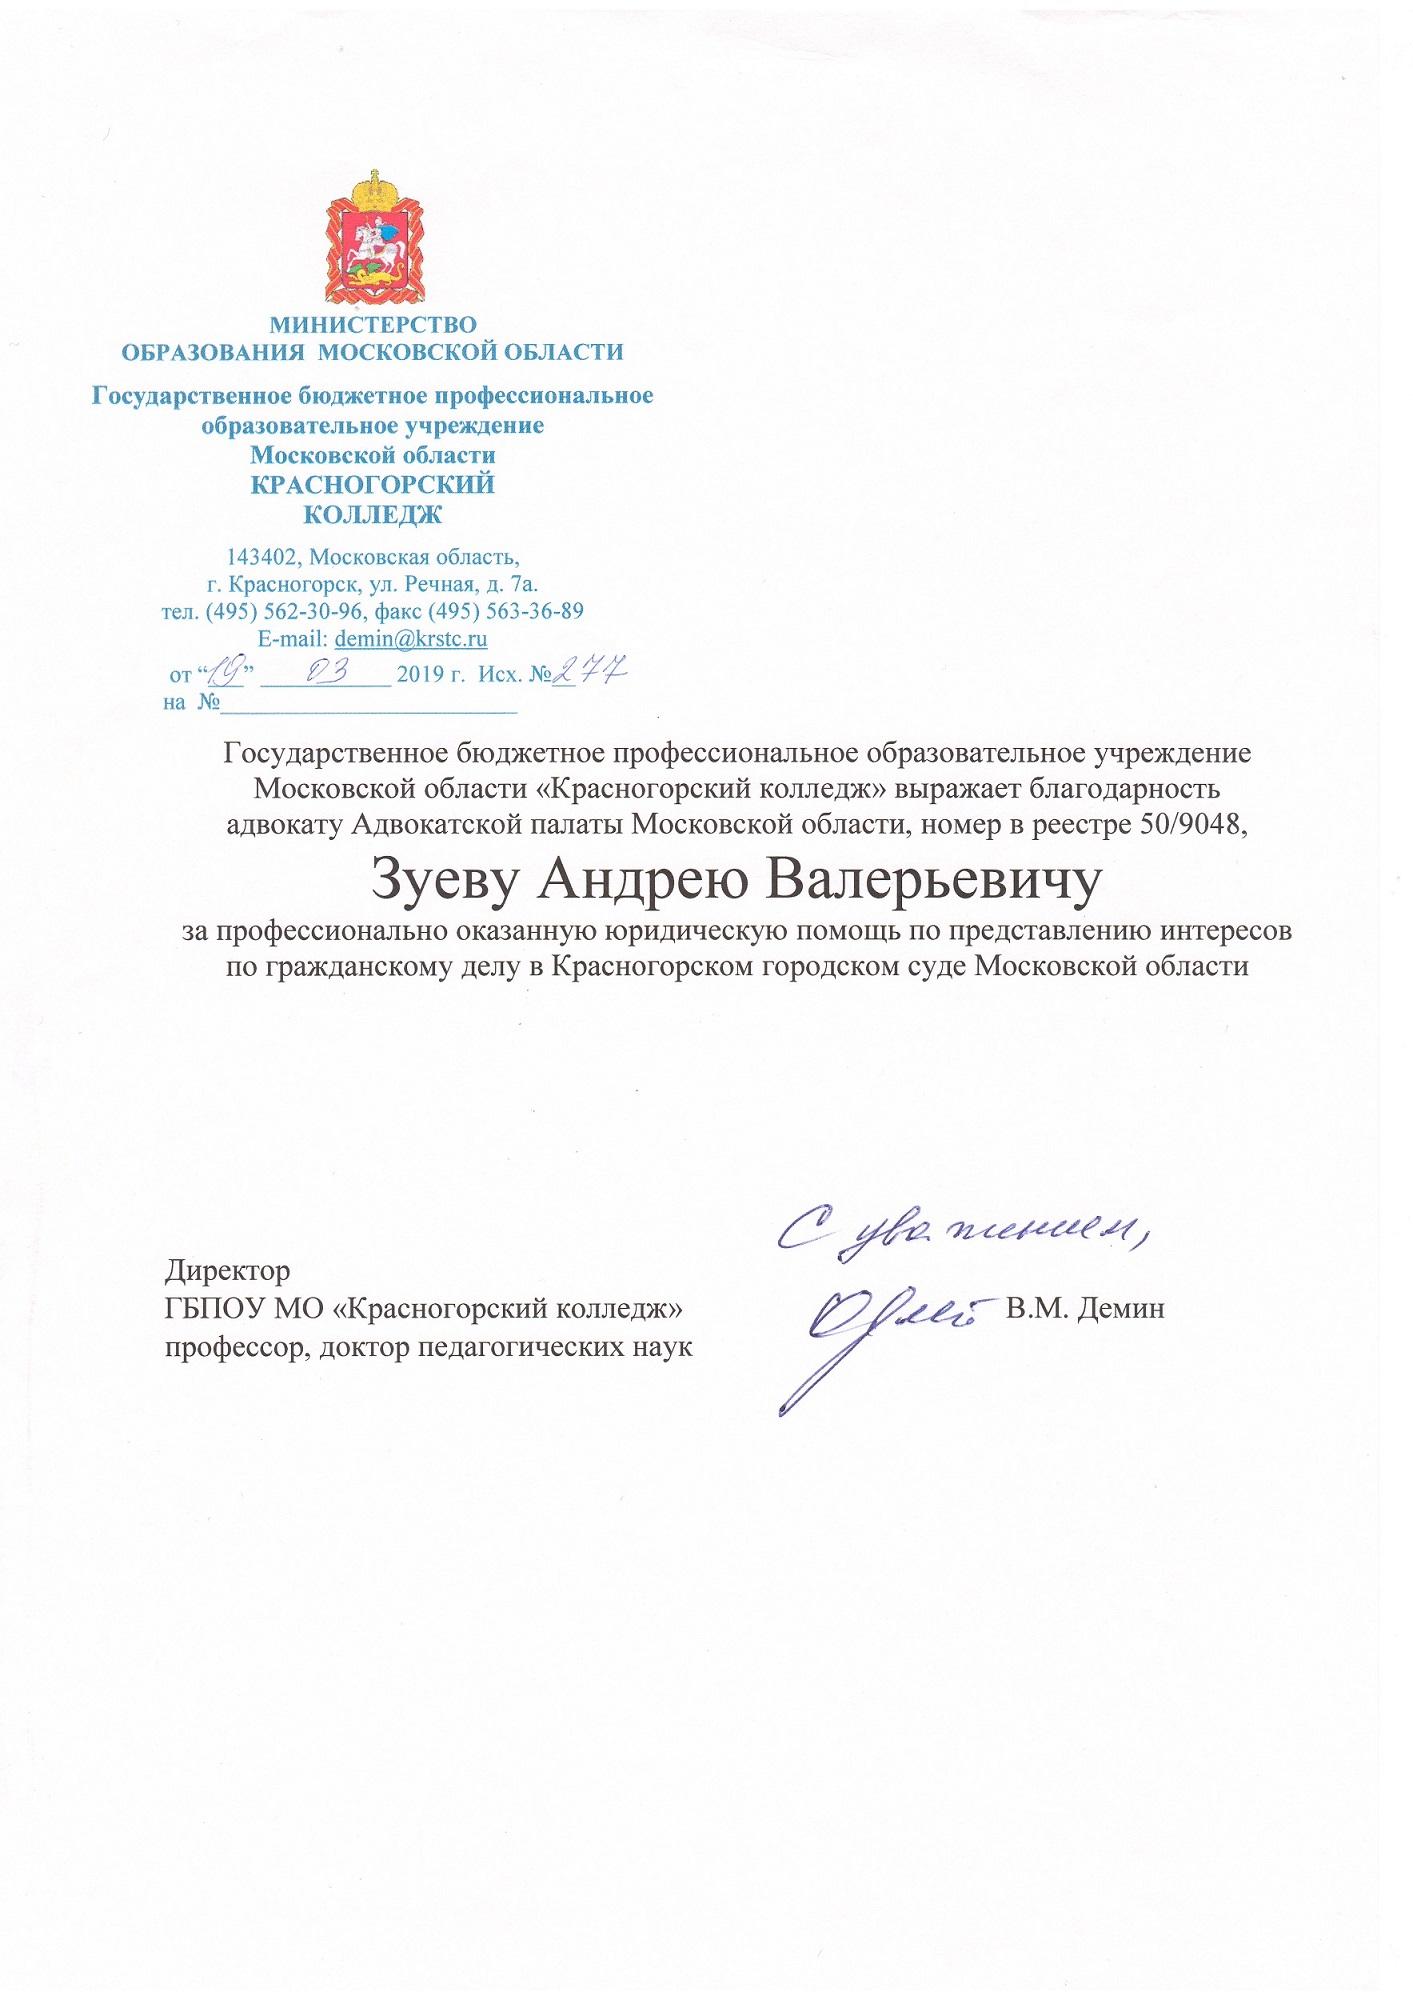 Благодарственное письмо в адрес адвоката Зуева А.В. от директора Красногорского колледжа